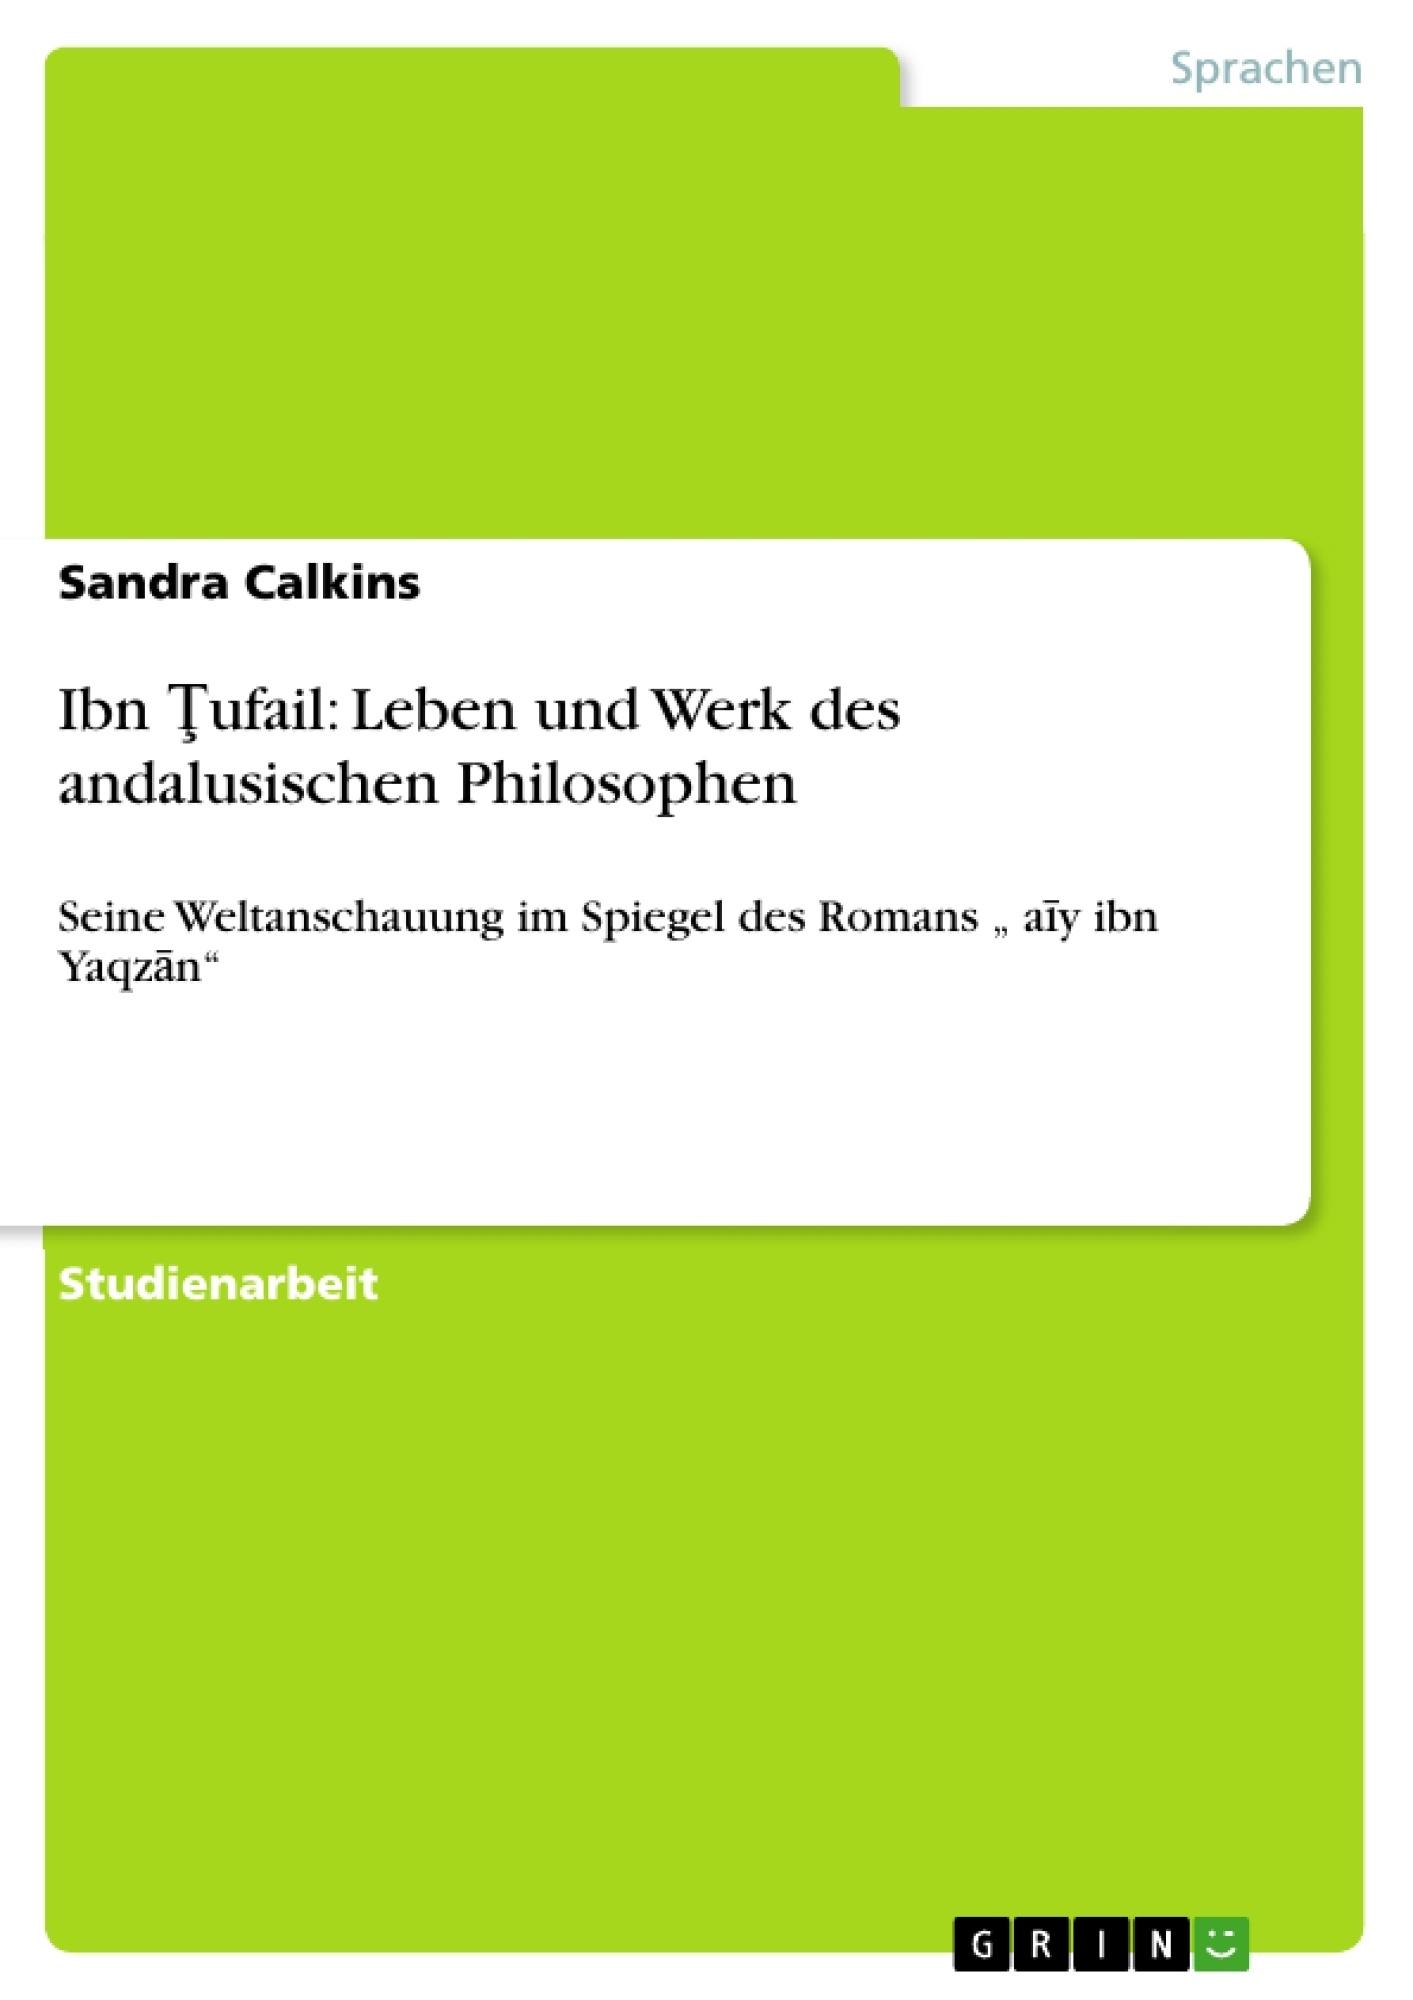 Titel: Ibn Ţufail: Leben und Werk des andalusischen Philosophen